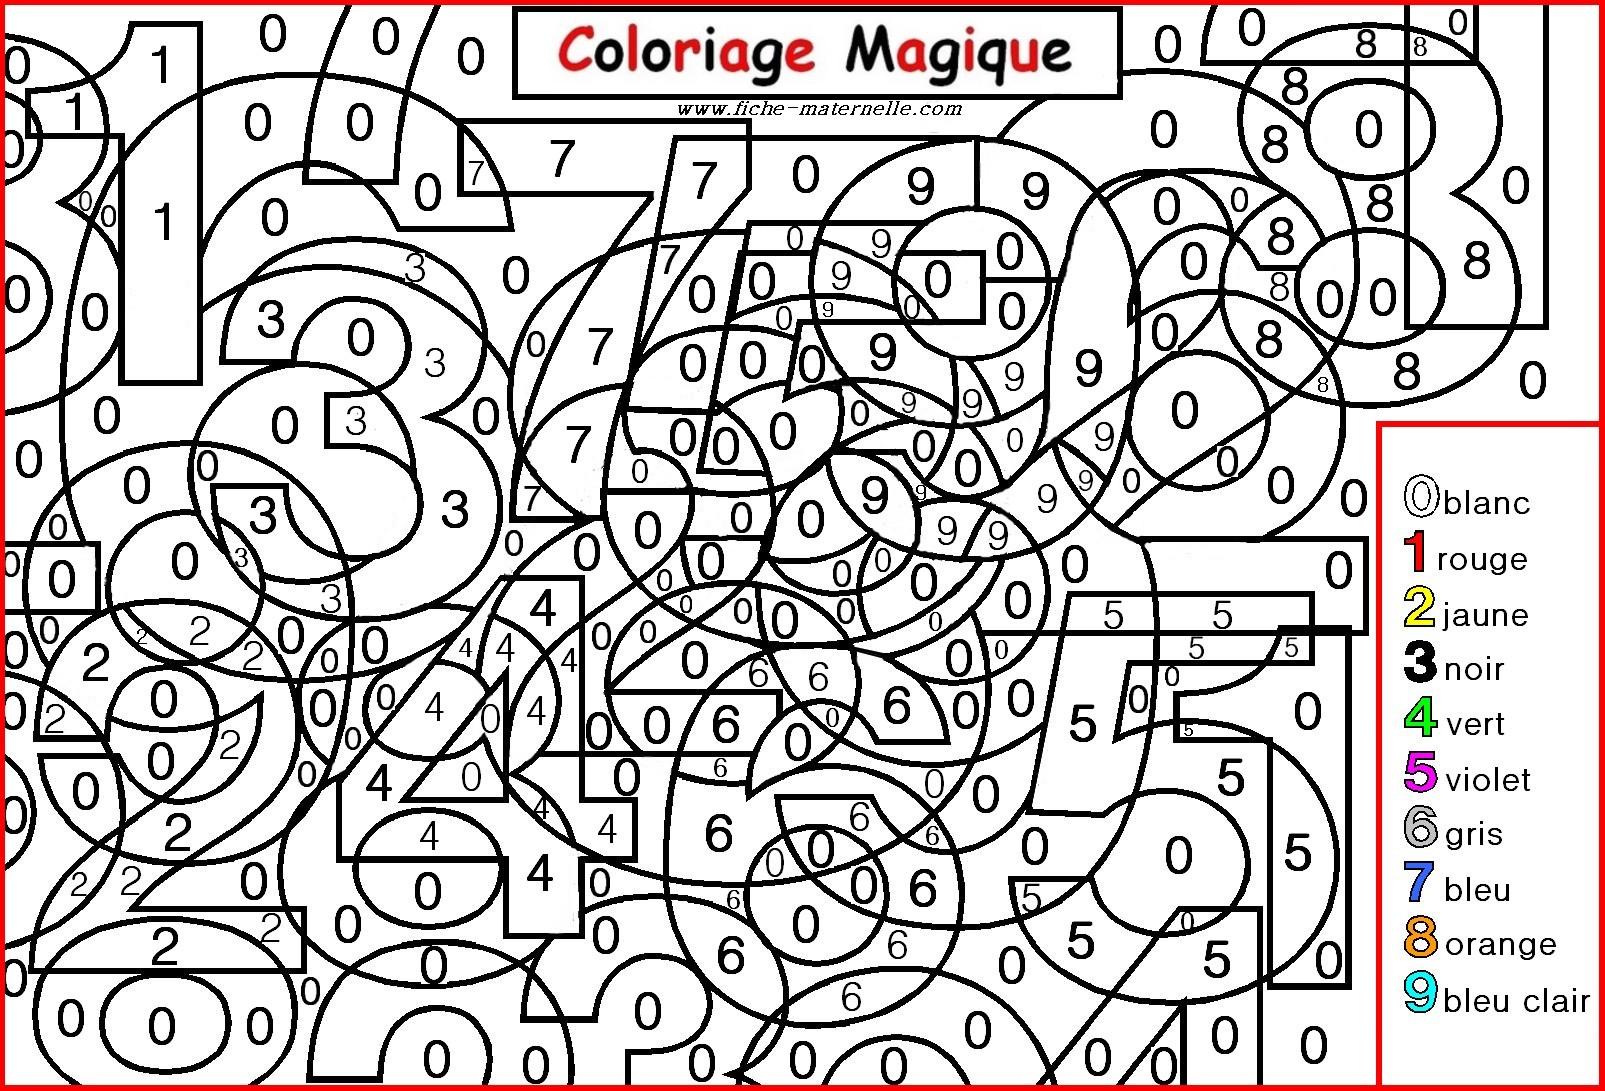 66 Dessins De Coloriage Magique À Imprimer Sur Laguerche concernant Coloriage Magique Pour Adulte